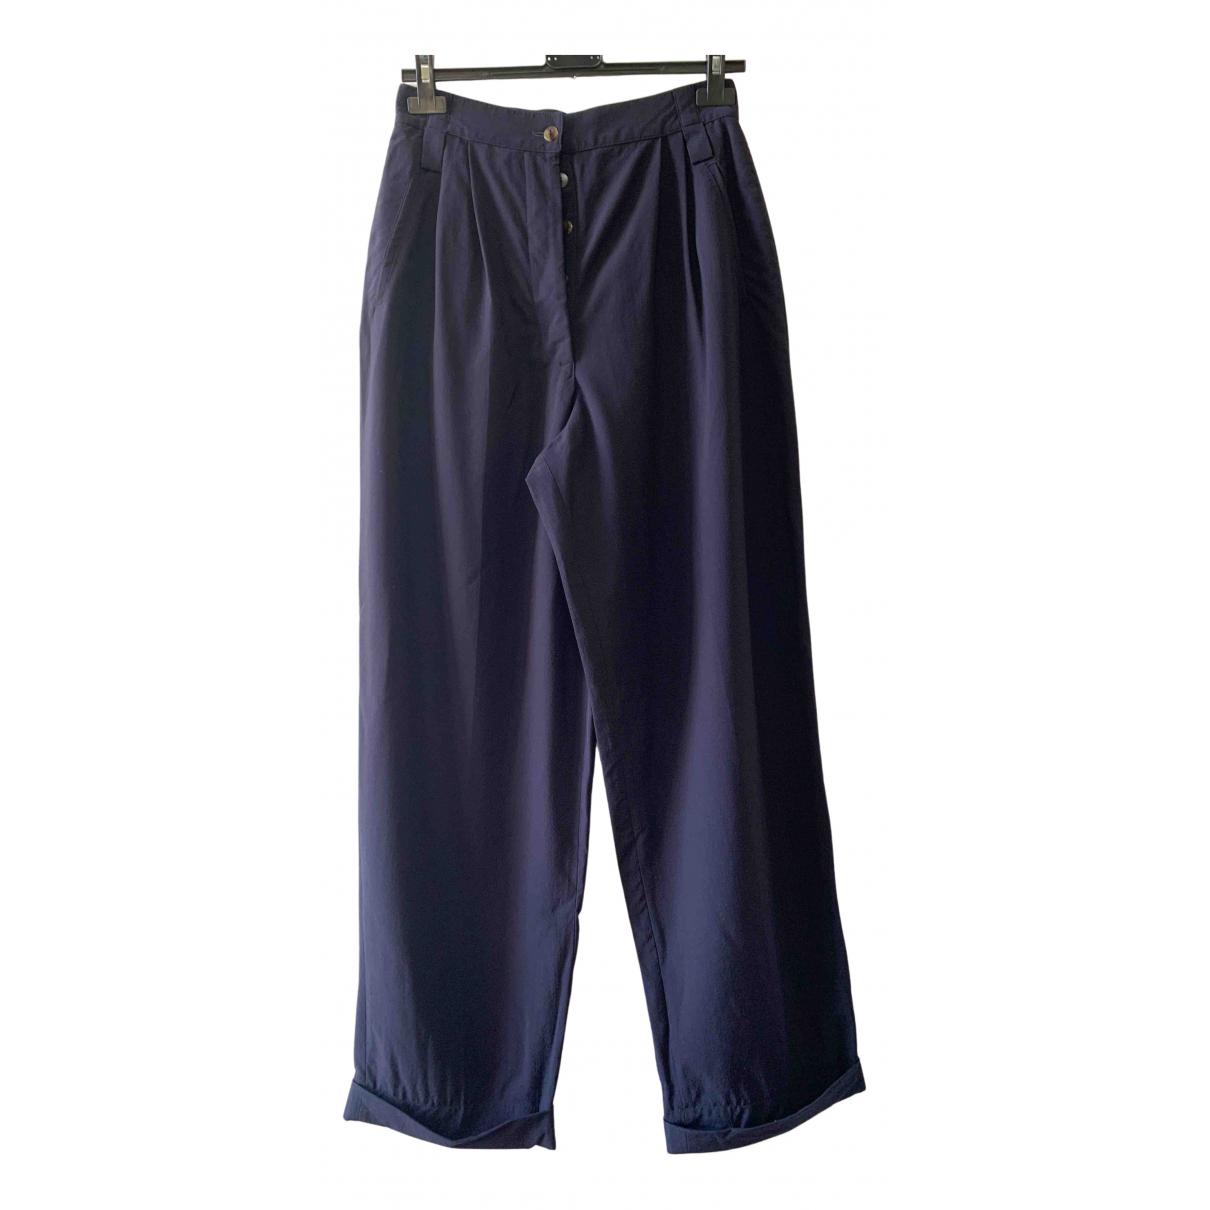 Jean Paul Gaultier N Blue Trousers for Women 44 IT